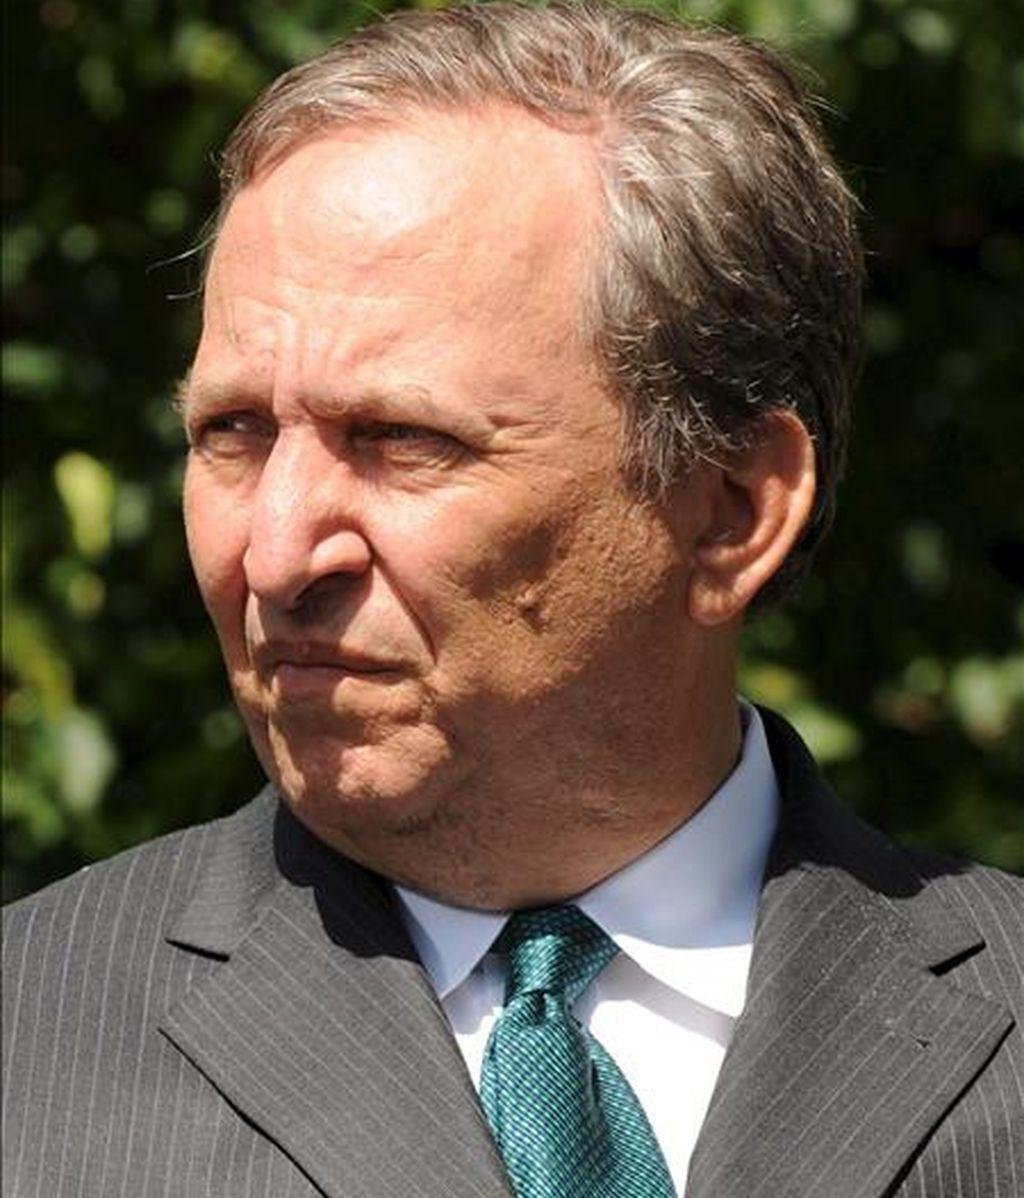 En la imagen, el director del Consejo Nacional Económico (NEC), Lawrence Summers. EFE/Archvo